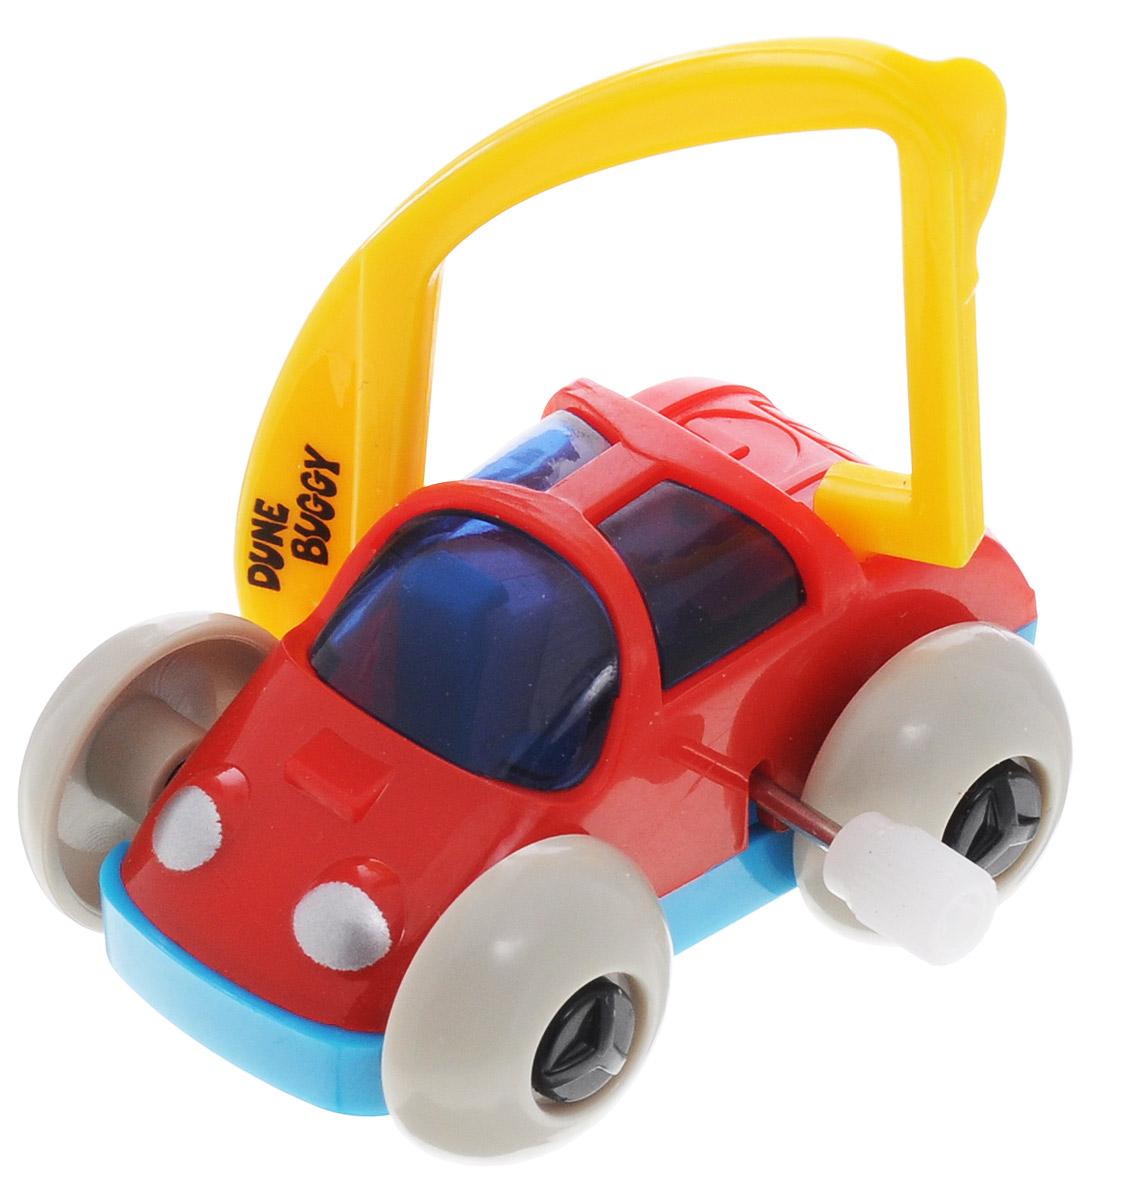 Hans Игрушка заводная Багги с фарами цвет красный желтый2K-62BD_красный с фарамиИгрушка Hans Багги привлечет внимание вашего малыша и не позволит ему скучать! Выполненная из безопасного пластика, игрушка представляет собой забавную машинку. Машинка имеет механический завод. Для запуска, придерживая колеса, поверните заводной ключ по часовой стрелке до упора. Установите игрушку на любую поверхность и она поедет вперед, также во время движения машинка поднимается на задние колеса. Заводная игрушка Hans Багги поможет ребенку в развитии воображения, мелкой моторики рук, концентрации внимания и цветового восприятия.